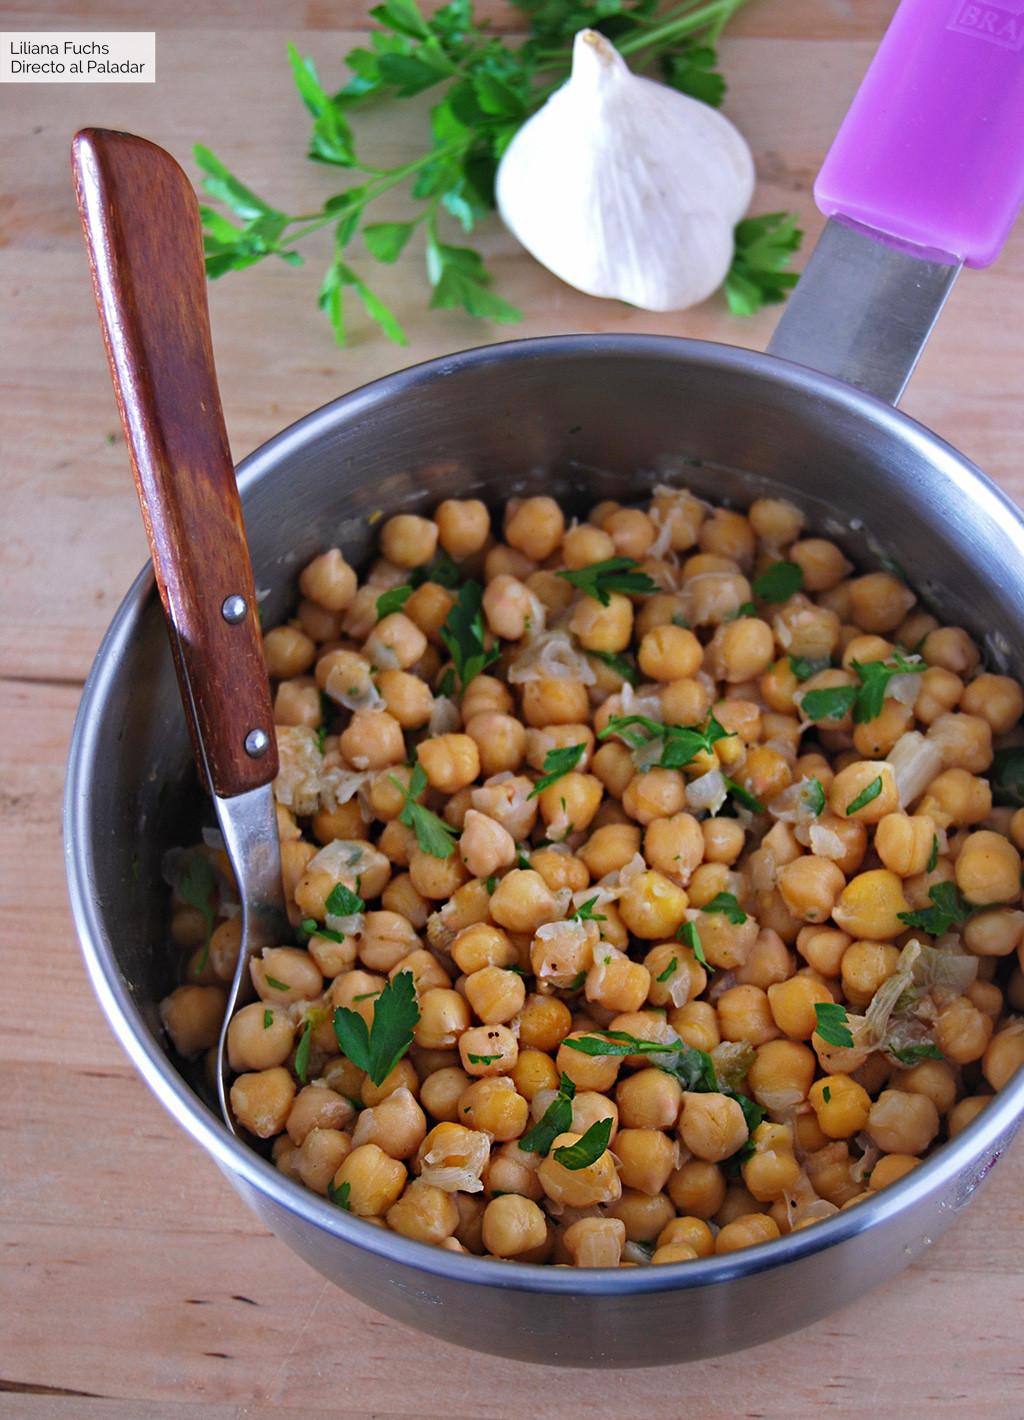 Garbanzos con ajo asado: receta vegana muy fácil llena de sabor (y que no repite)